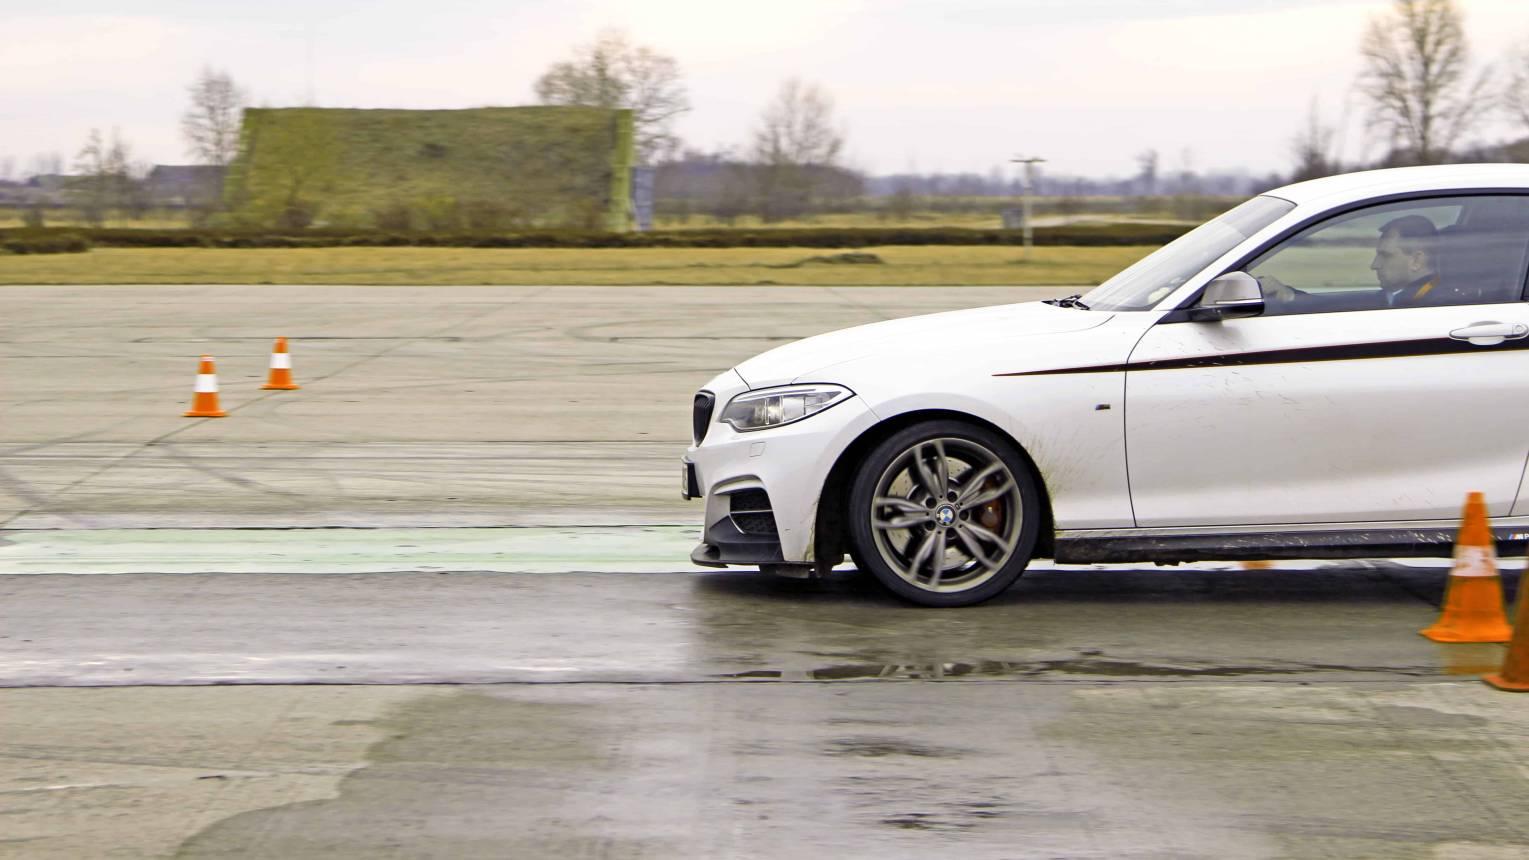 Vezetéstechnikai tréning saját autóval reptéren